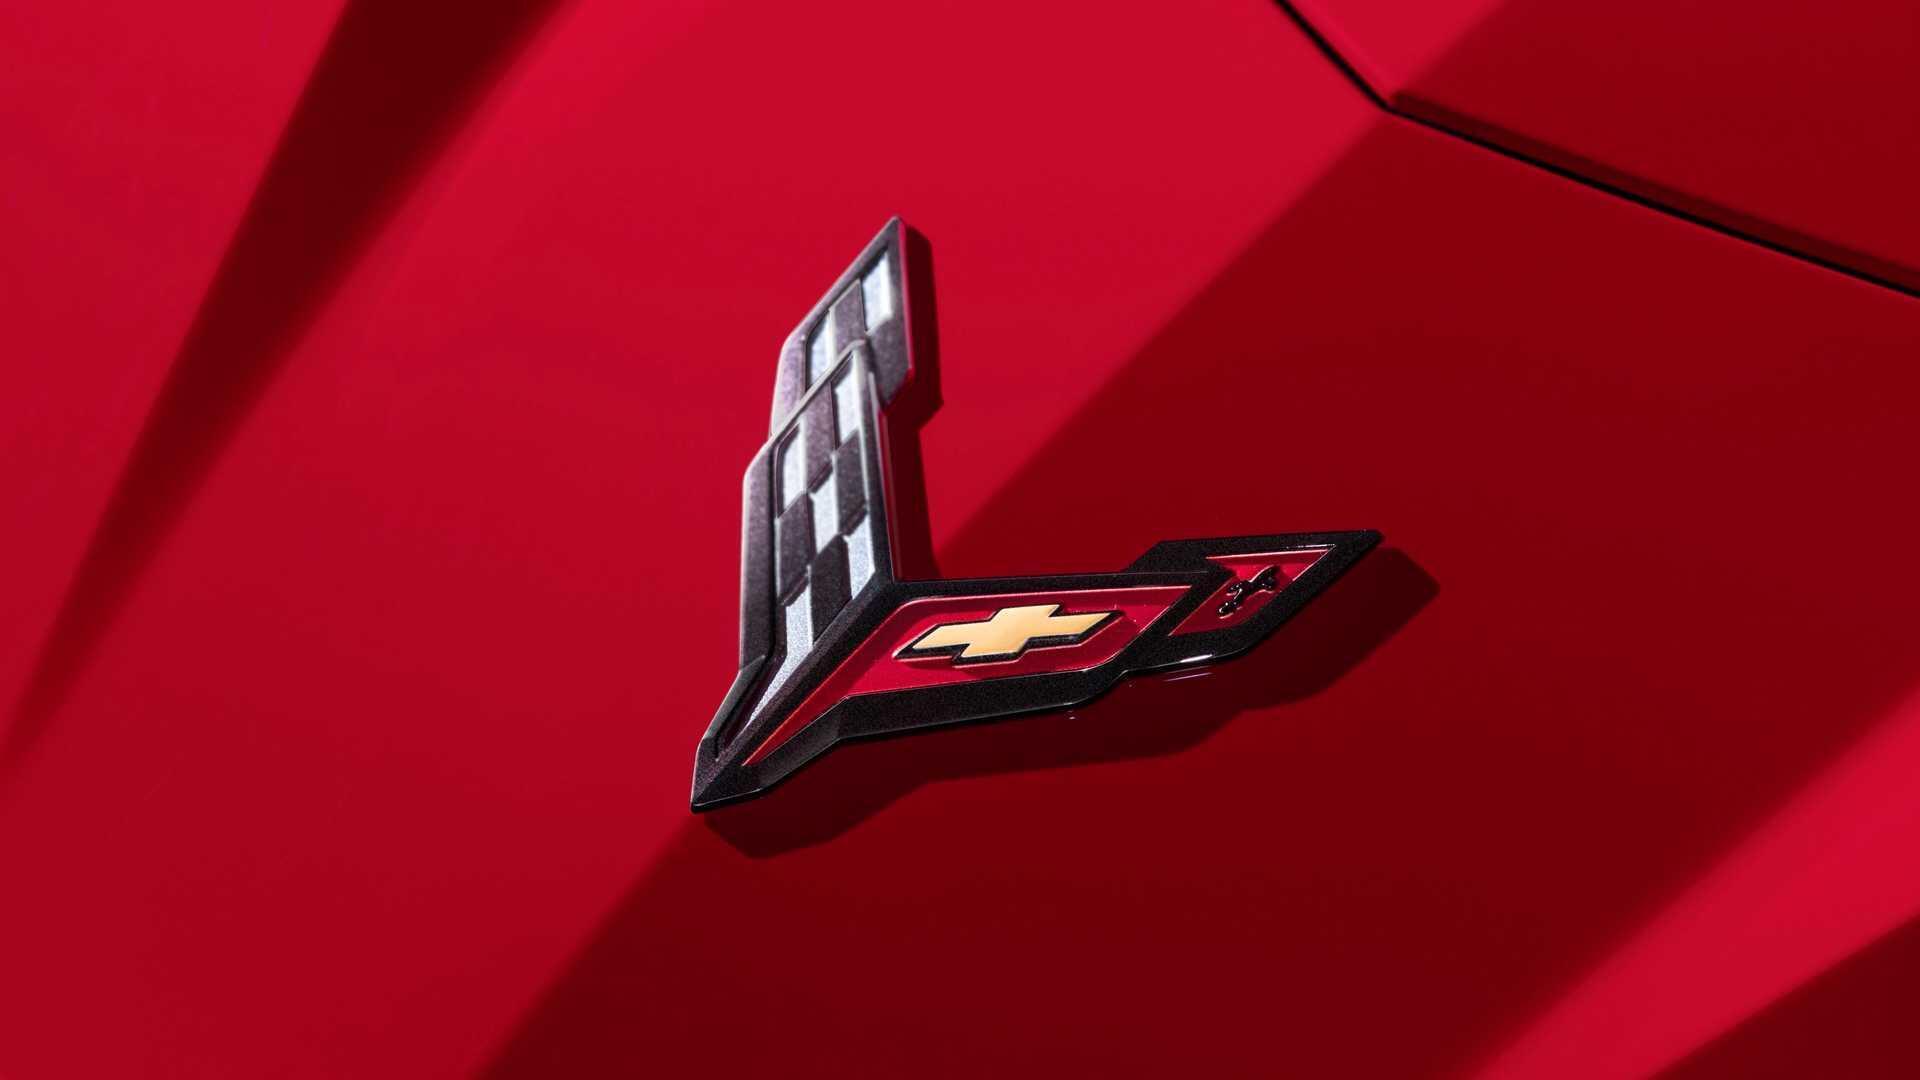 https://cdn.dailyxe.com.vn/image/chevrolet-corvette-2020-co-mot-so-tinh-nang-an-tuyet-voi-65-94568j2.jpg